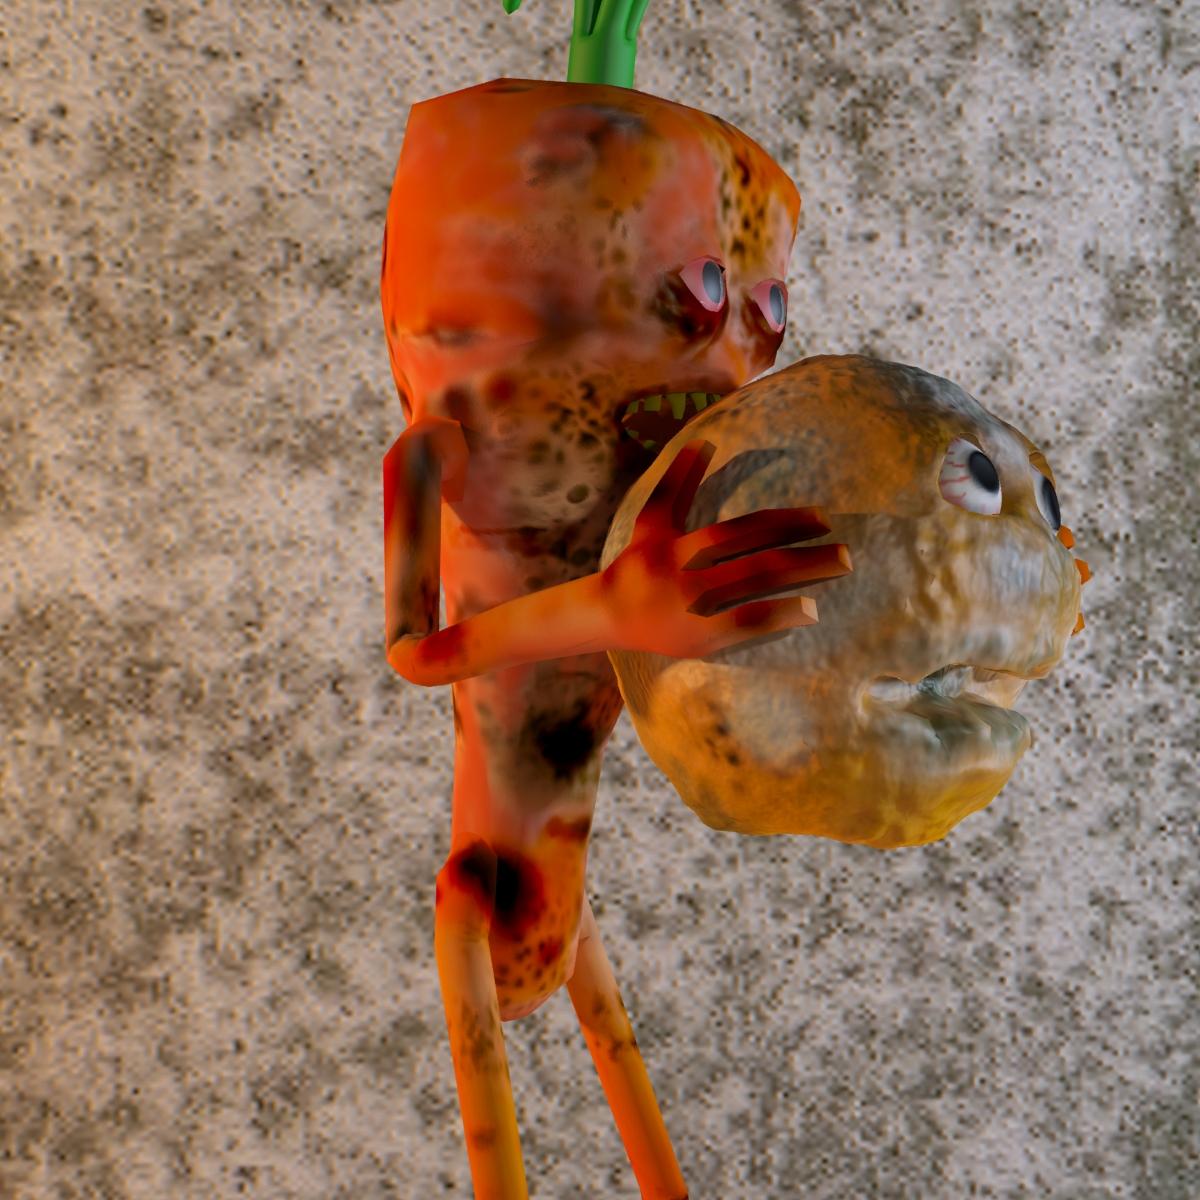 Zbrush Naranja Y Zanahoria Ho ho ho🎅🐰 la naviada ya llego a zanahoria refugios, y trajo con ella muchas ofertas para tu conejito. zbrush naranja y zanahoria